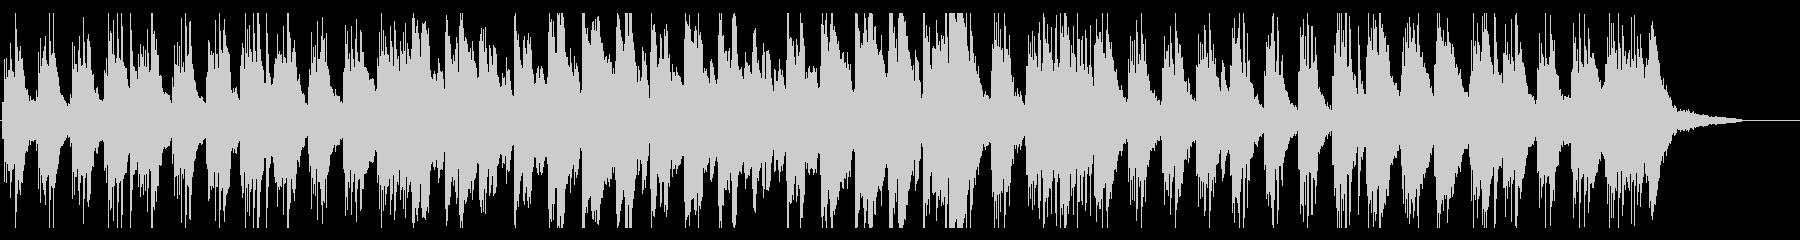 しっとりとしたスロウなピアノソロの未再生の波形